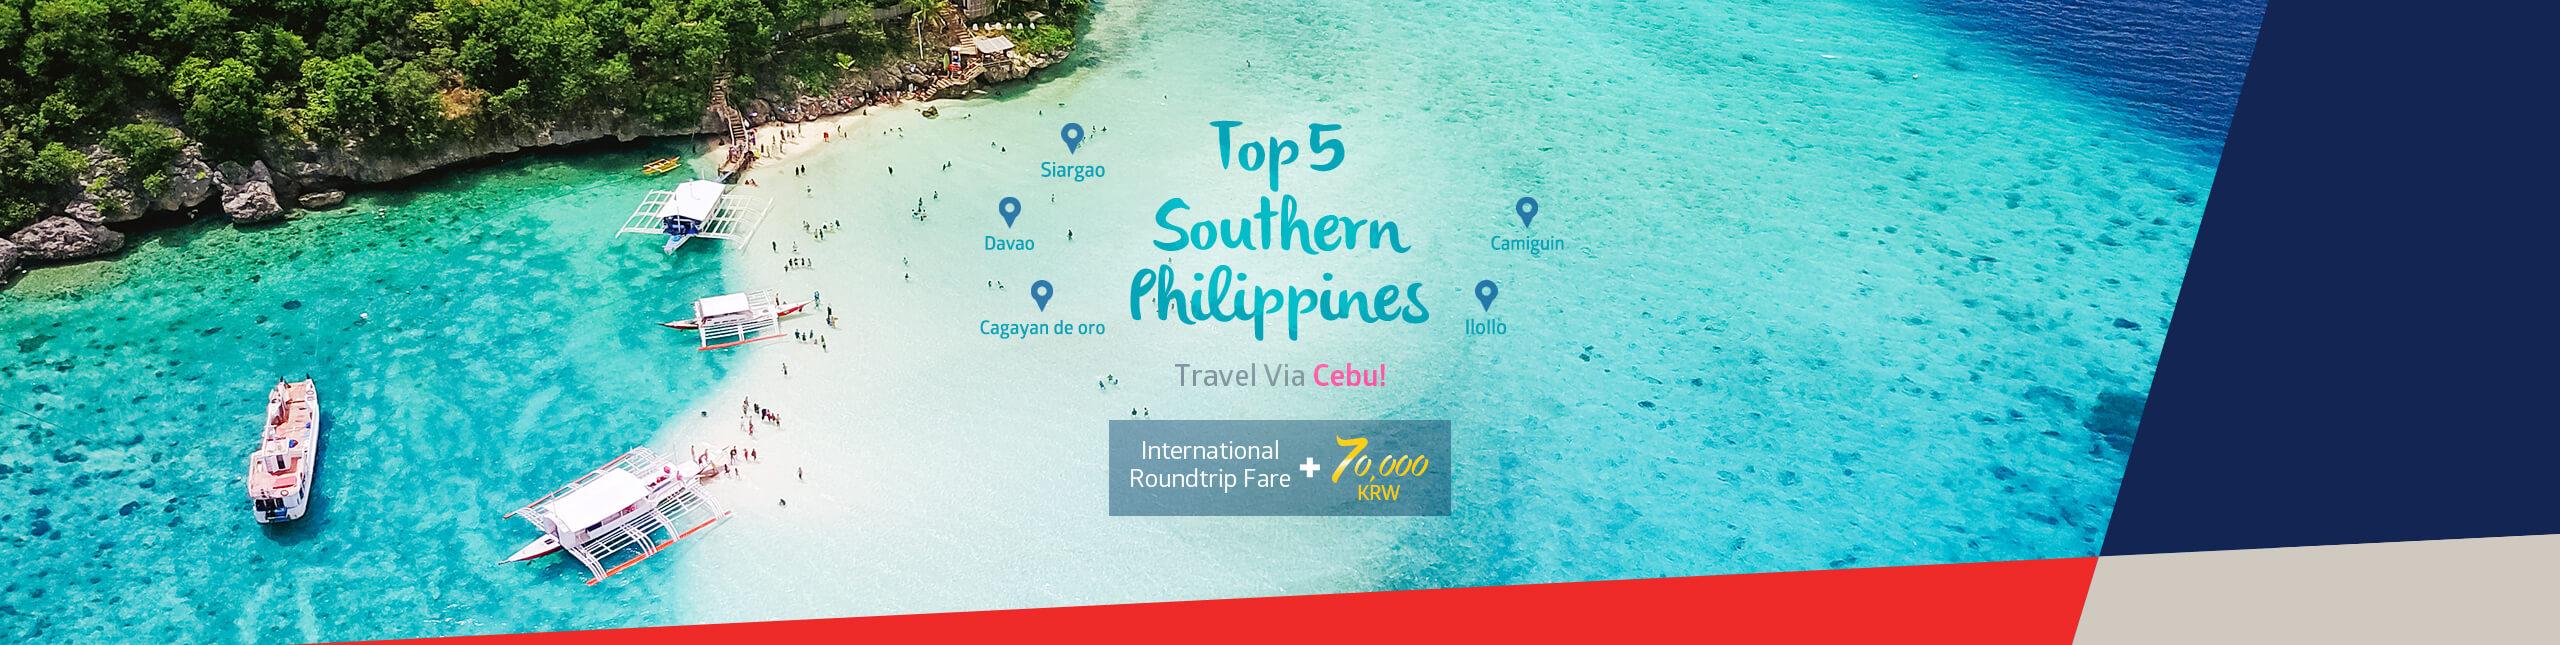 Travel via Cebu